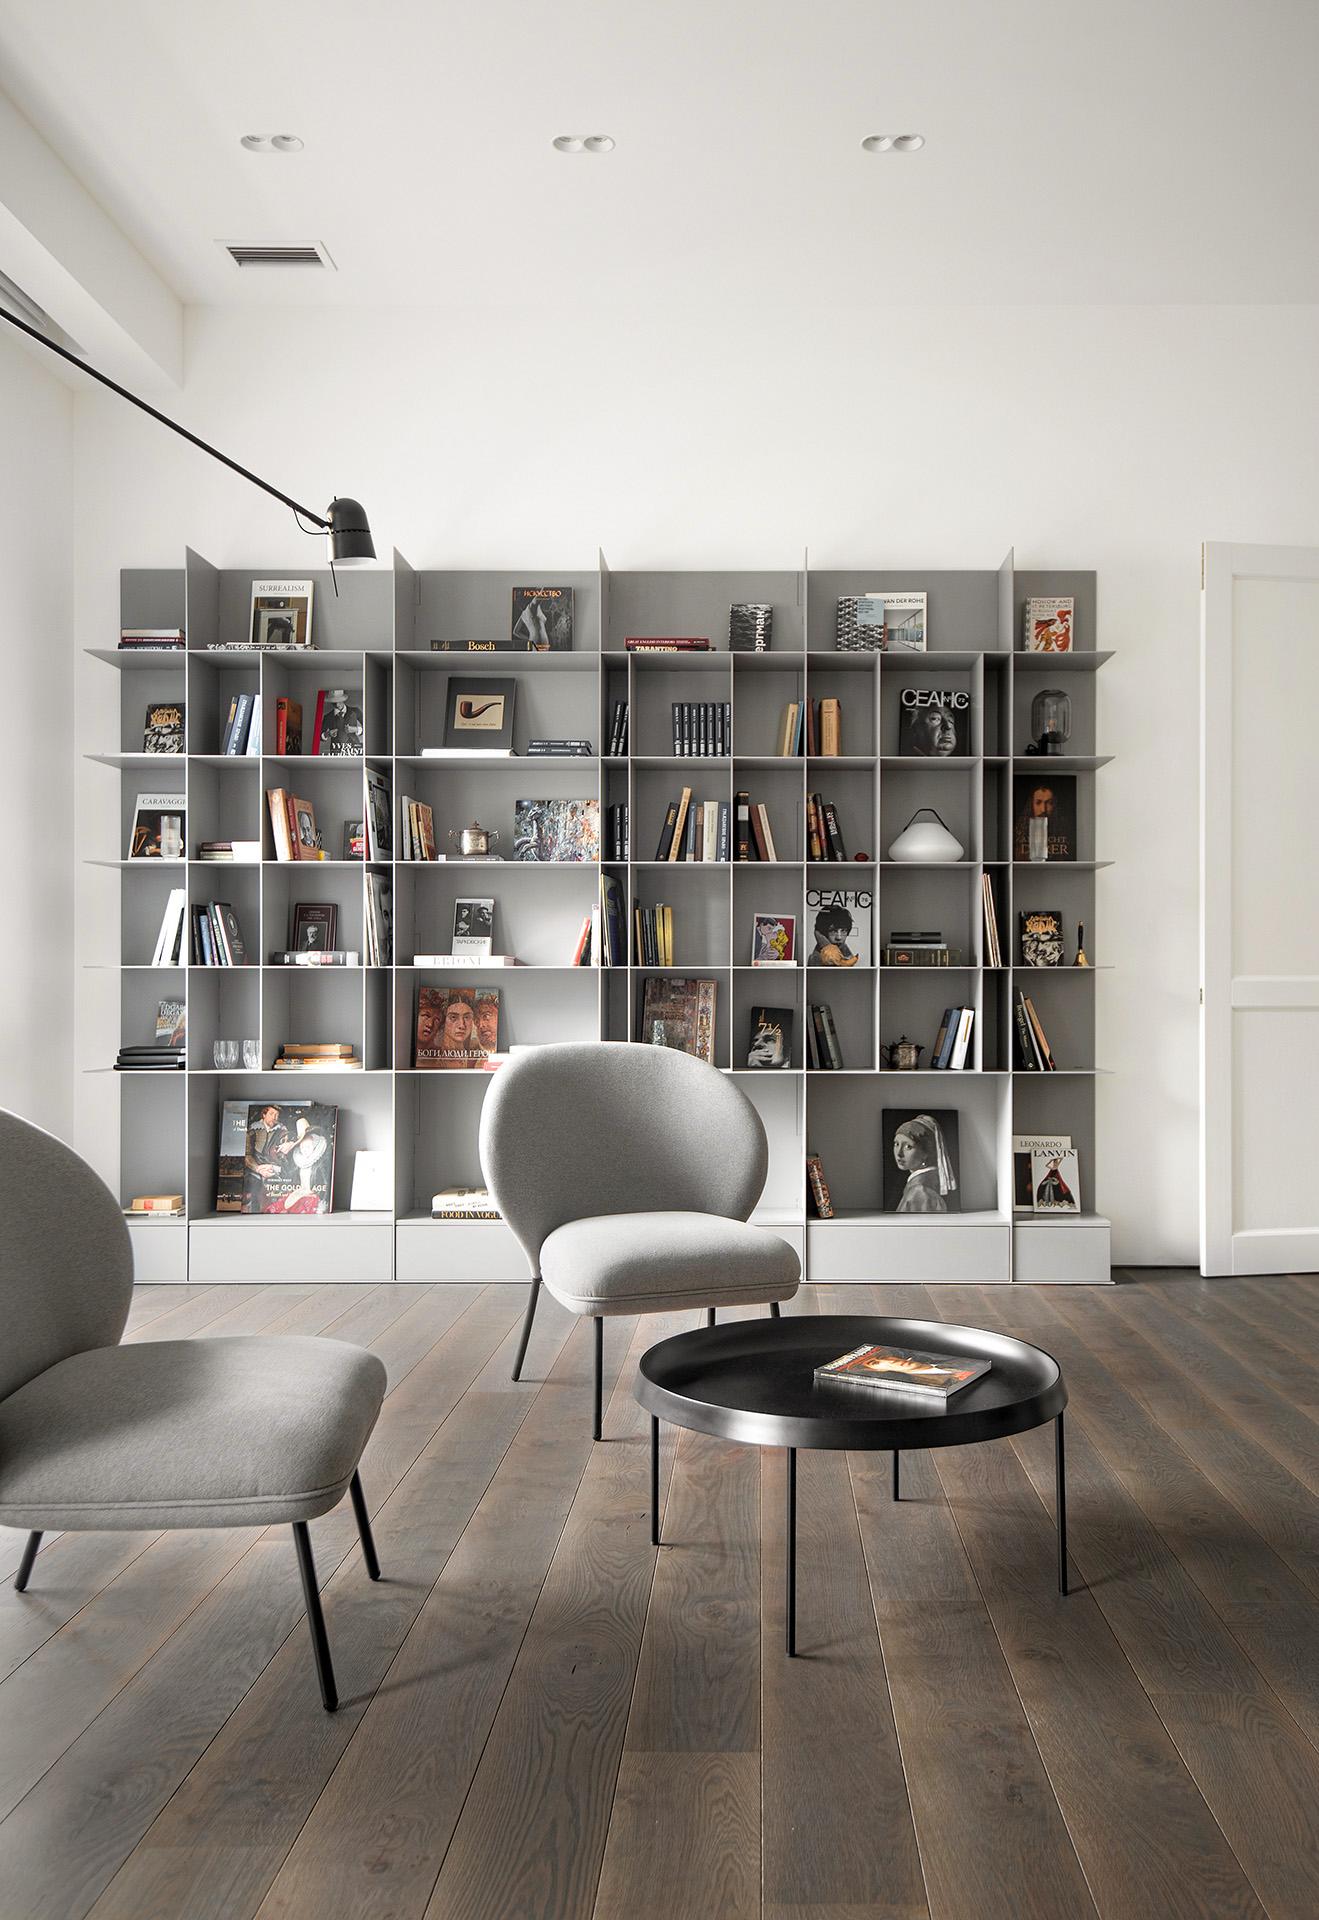 Kovová šedá knihovna a sezení